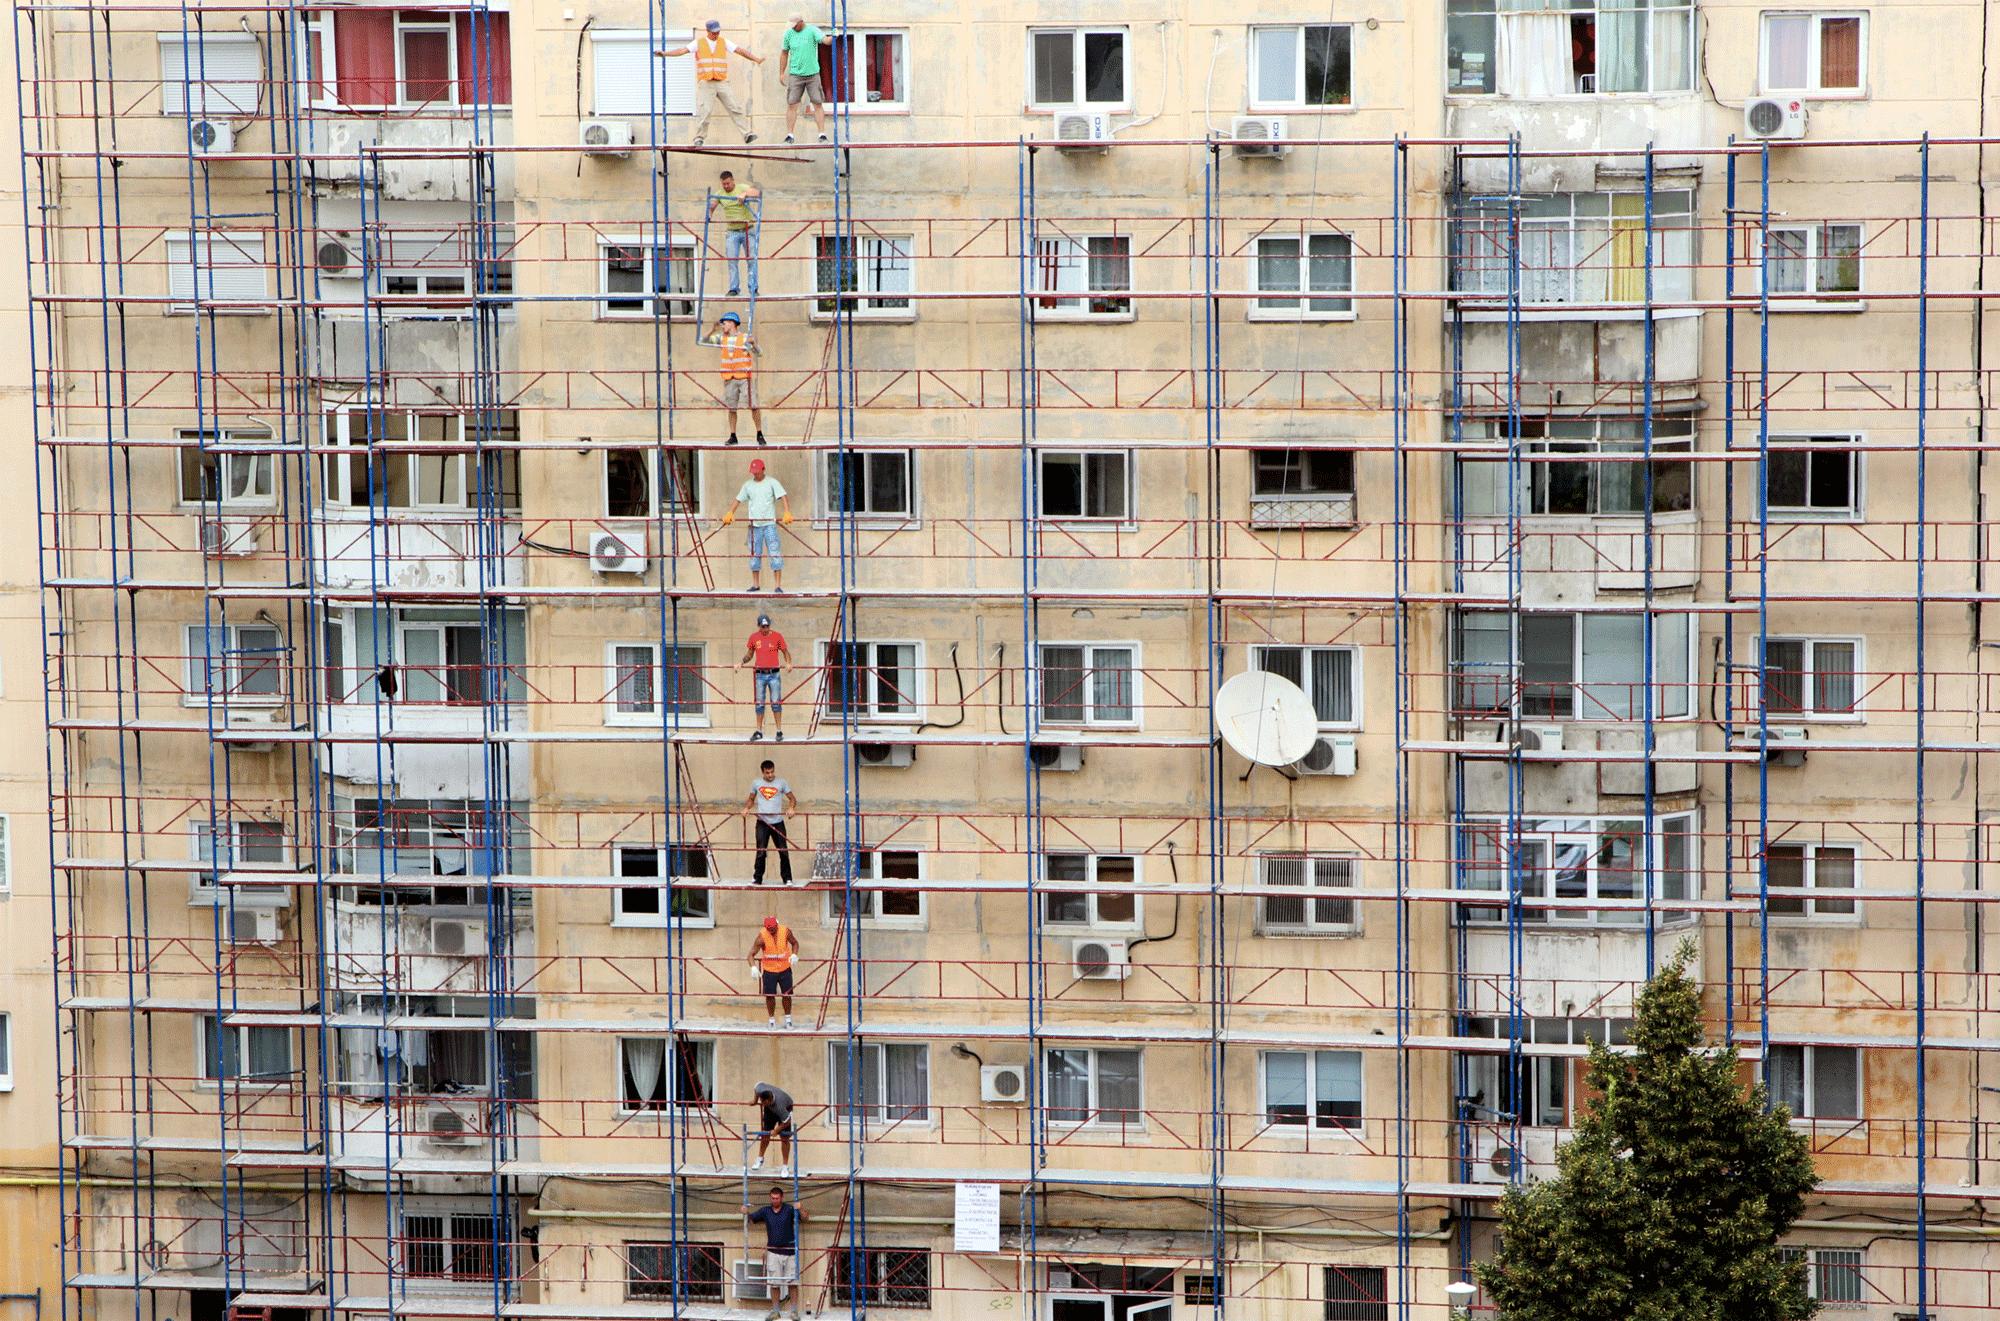 Urbano dimenzijo potrebujemo v kohezijski politiki tudi po 2020